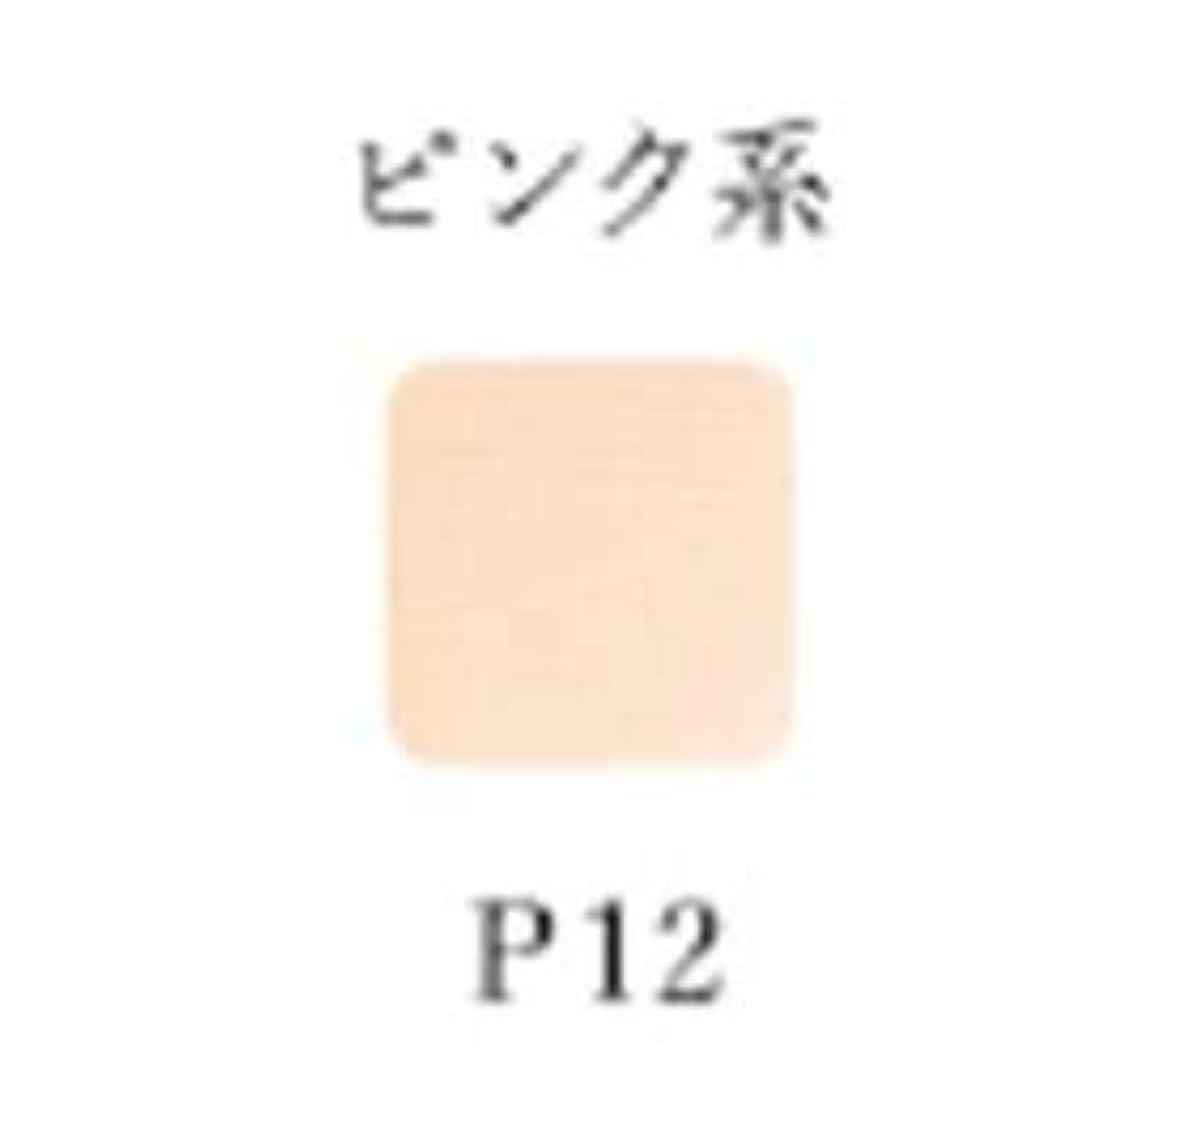 事件、出来事先住民梨オリリー パウダリーフィニッシュUV (2ウェイ) リフィル P12<14g>